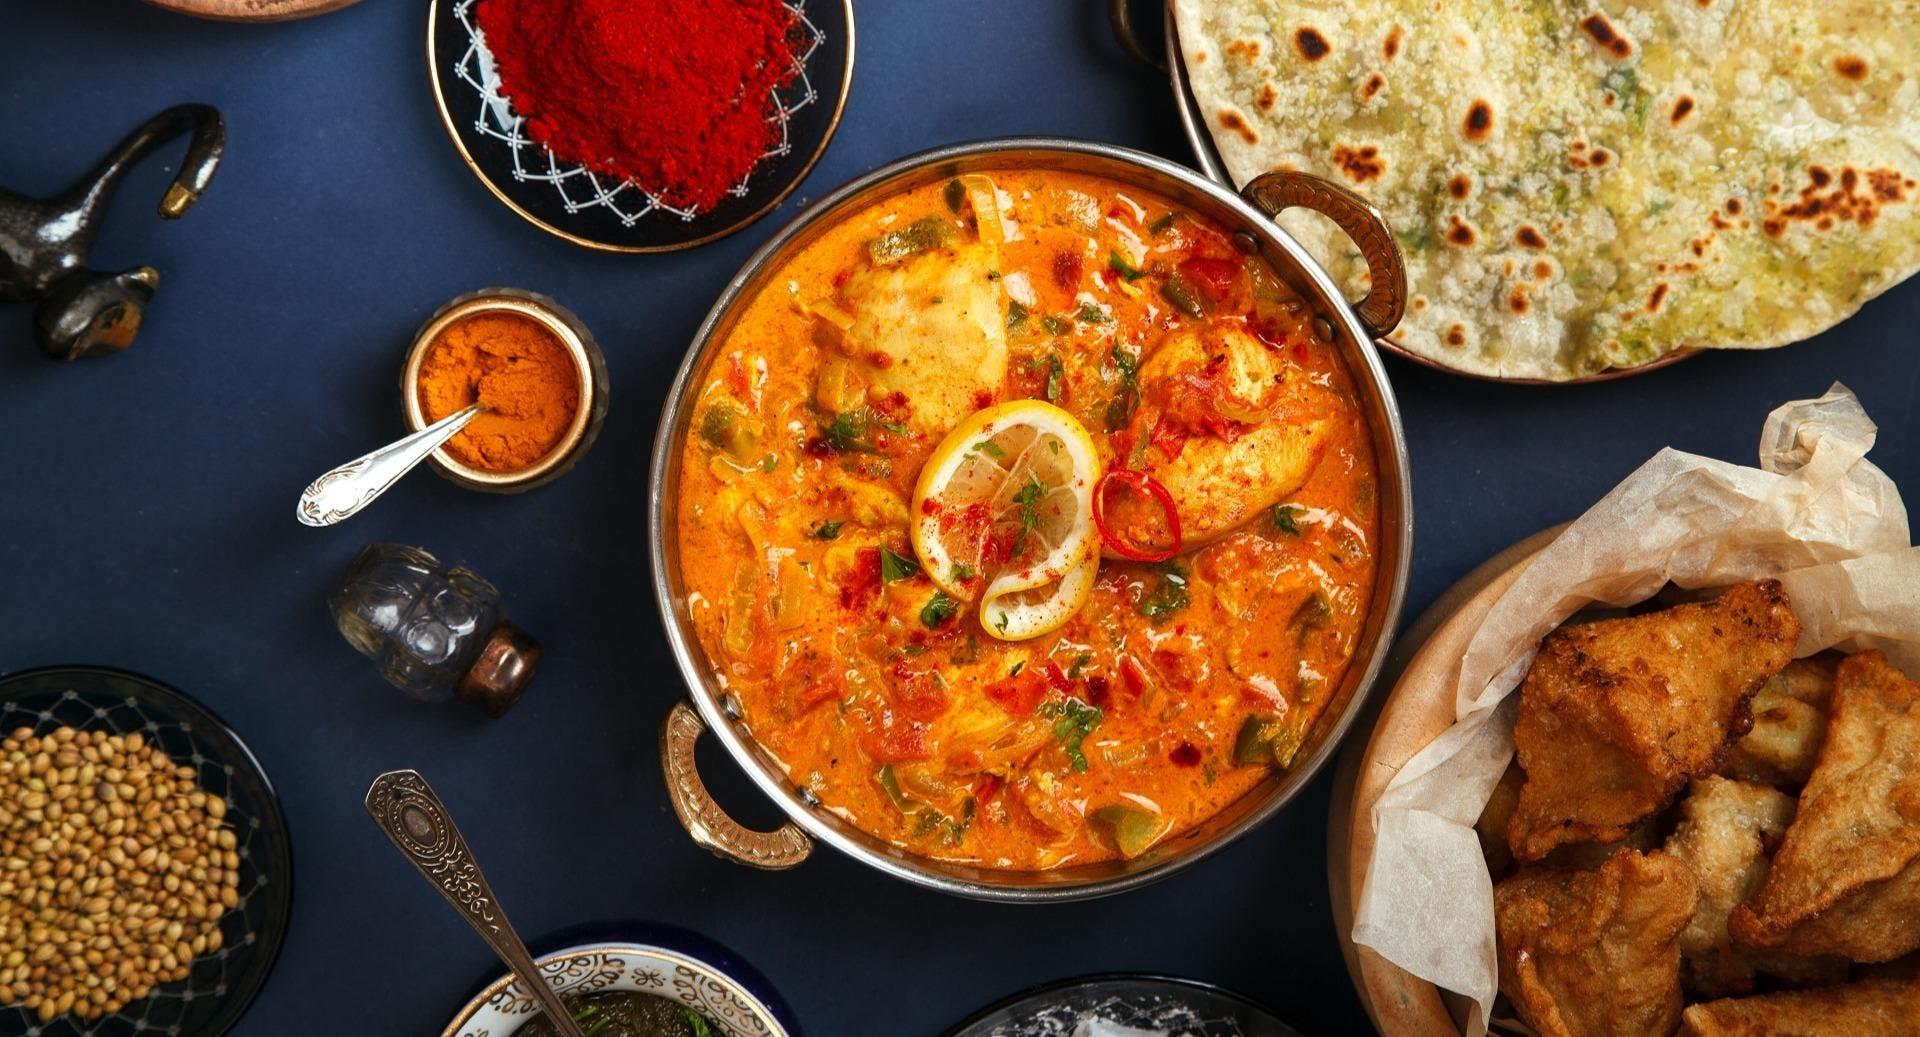 Jaipur Indian Restaurant Köln image 2